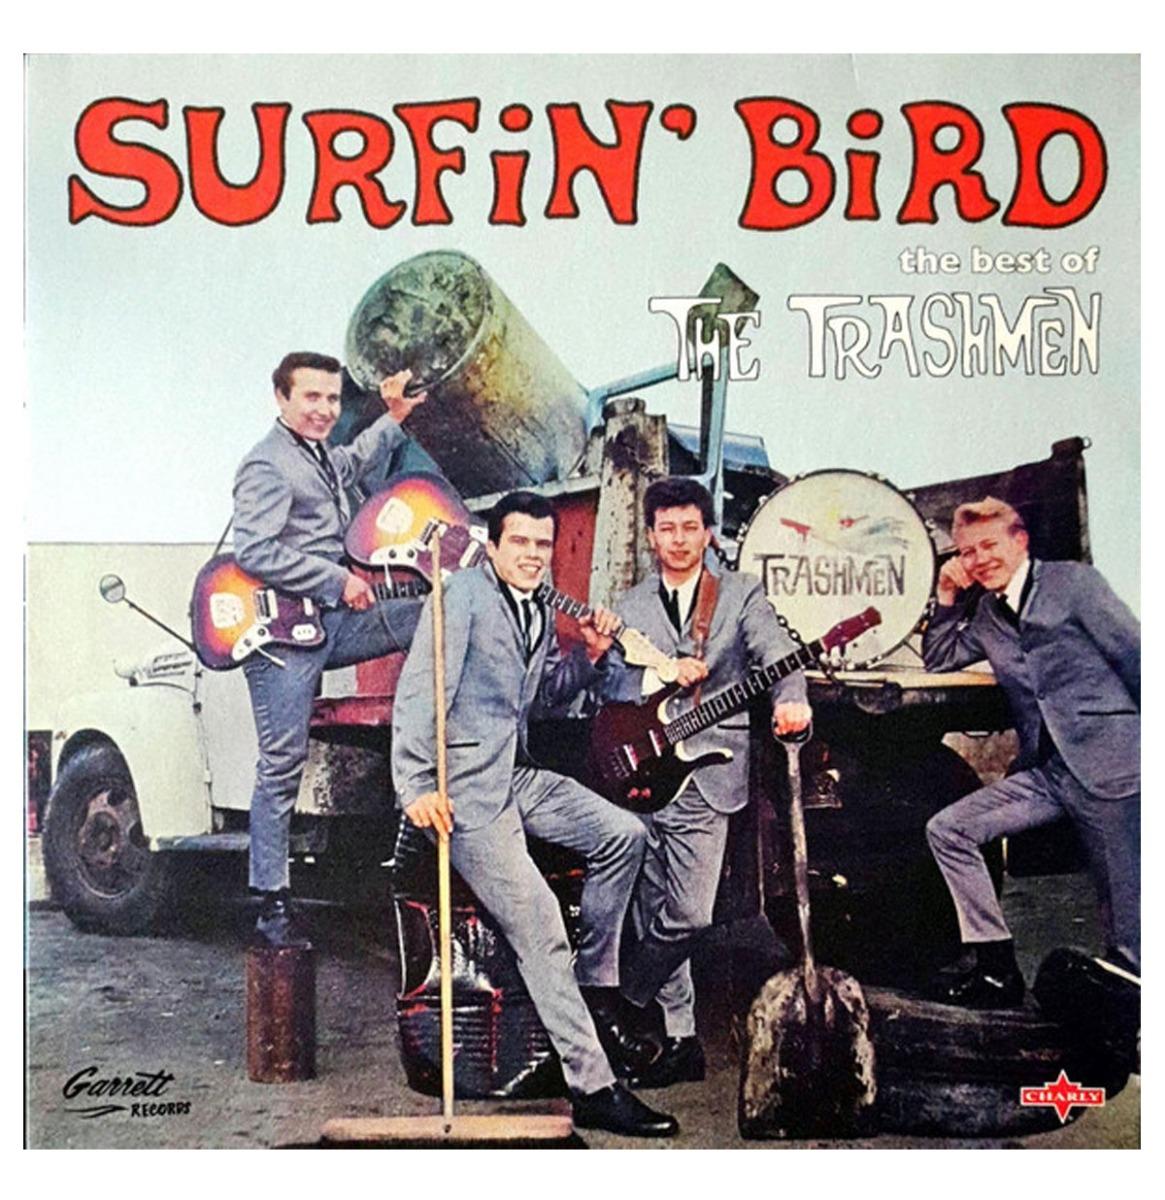 The Trashmen - Surfin' Bird - The Best Of The Trashmen LP